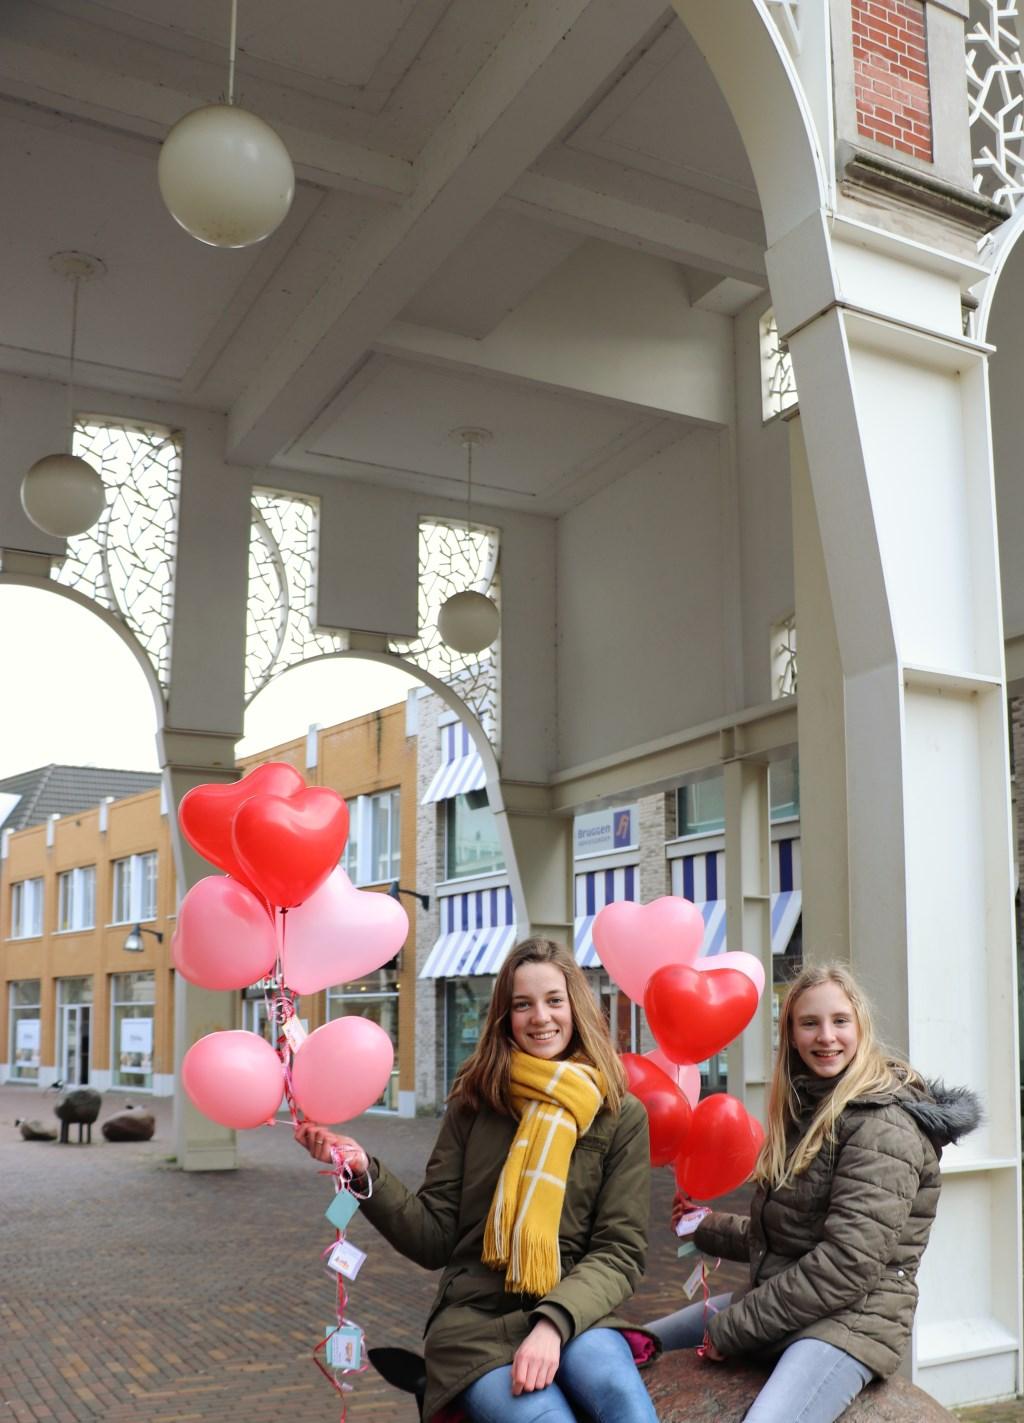 Twee jongeren vrijwilligers van Stichting Netwerk voor Jou met ballonnen om uit te delen in Veenendaal.   Foto: Joanne Kleermaker  © DPG Media